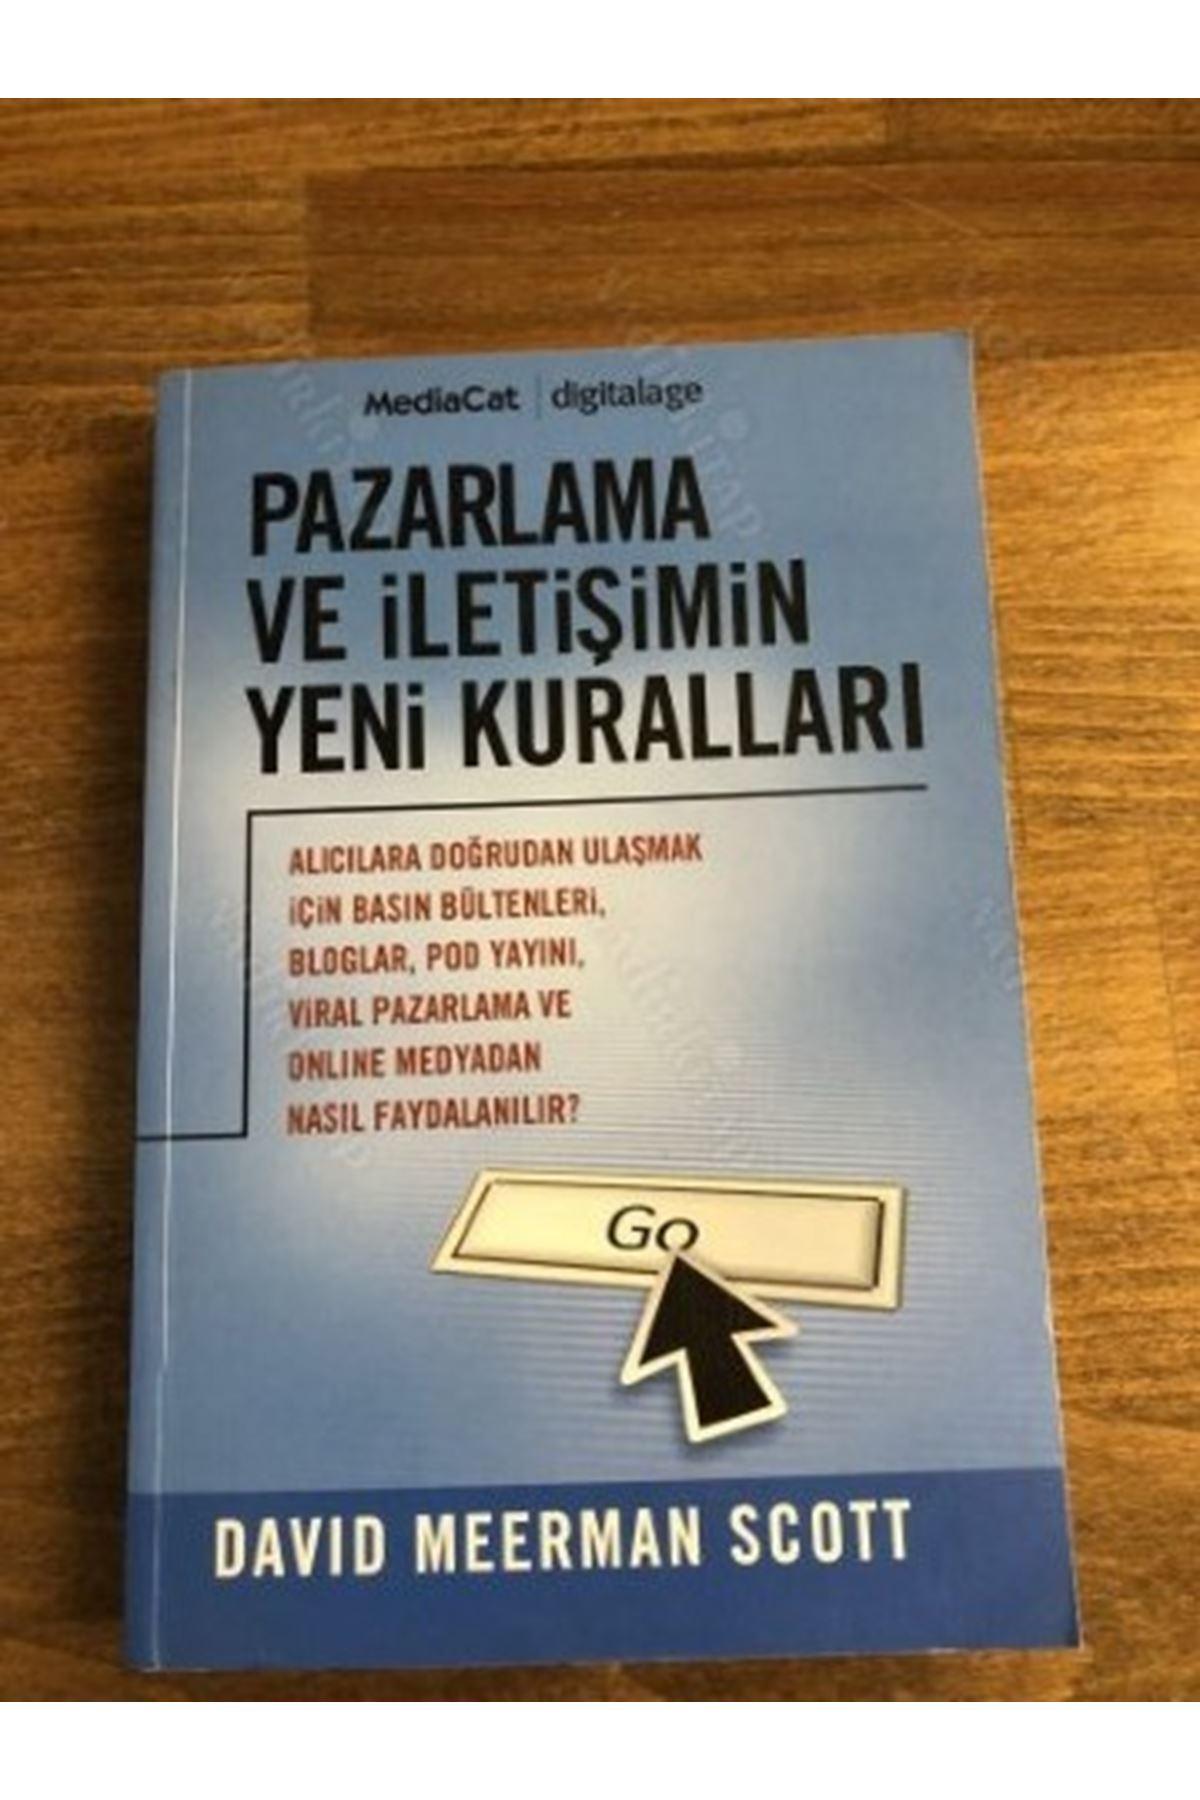 DAVID MEERMAN SCOTT - PAZARLAMA VE İLETİŞİMİN YENİ KURALLARI